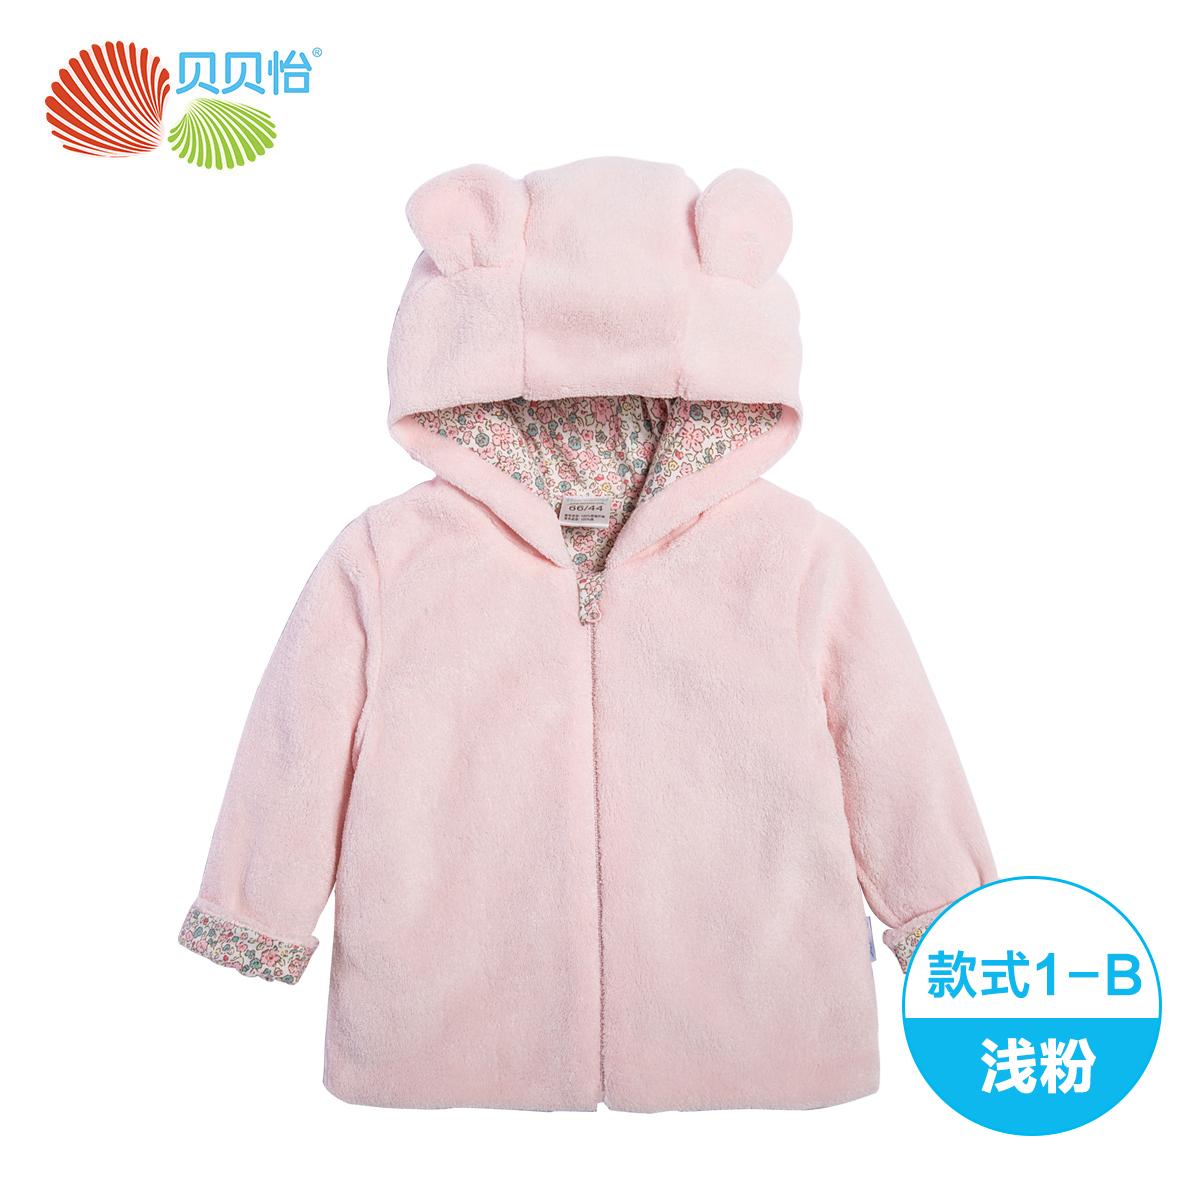 ~11預售~貝貝怡 款嬰兒外套寶寶衣服男女童上衣保暖開衫